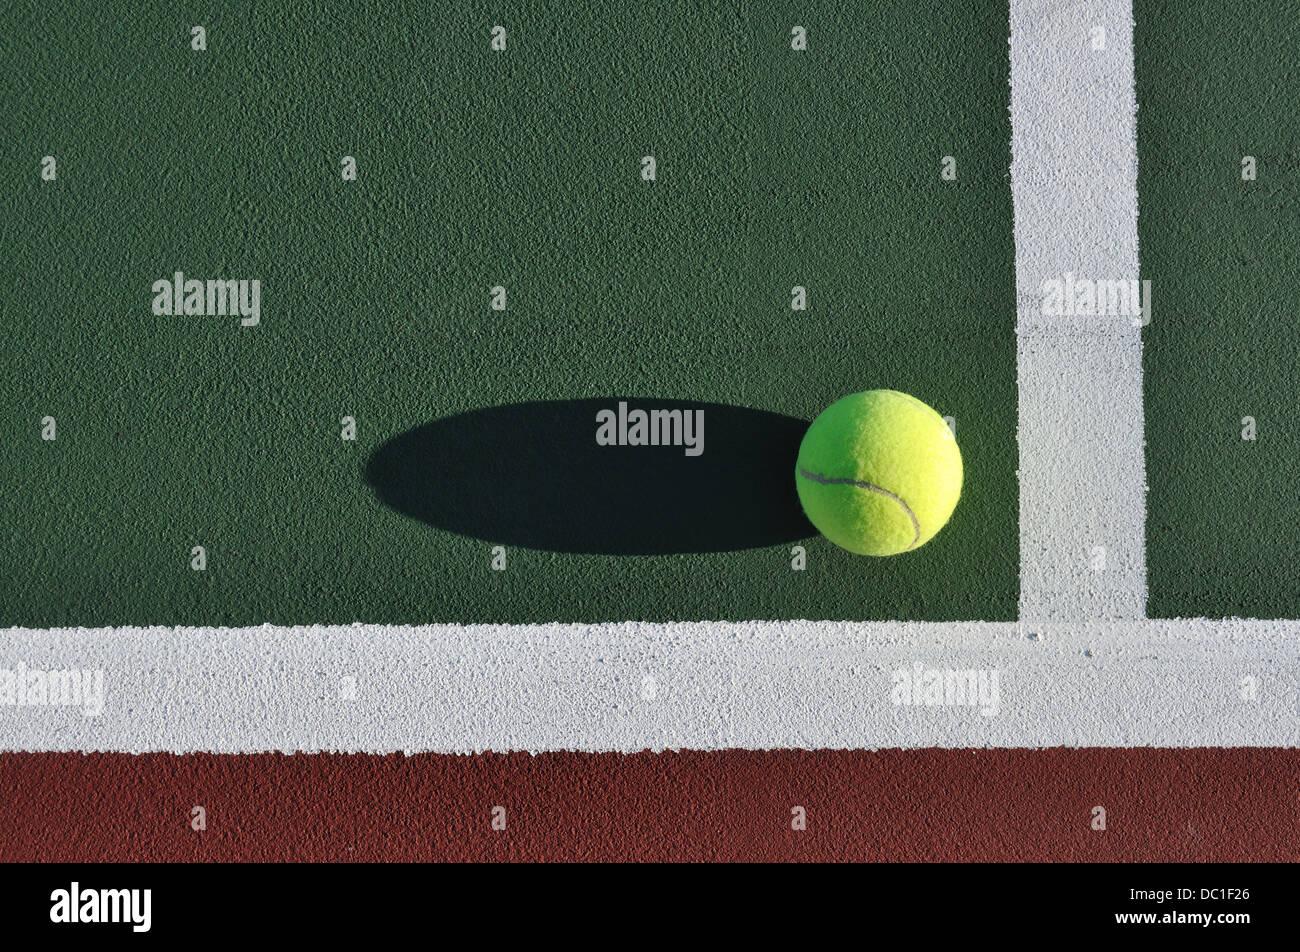 Palla da tennis su una corte Immagini Stock